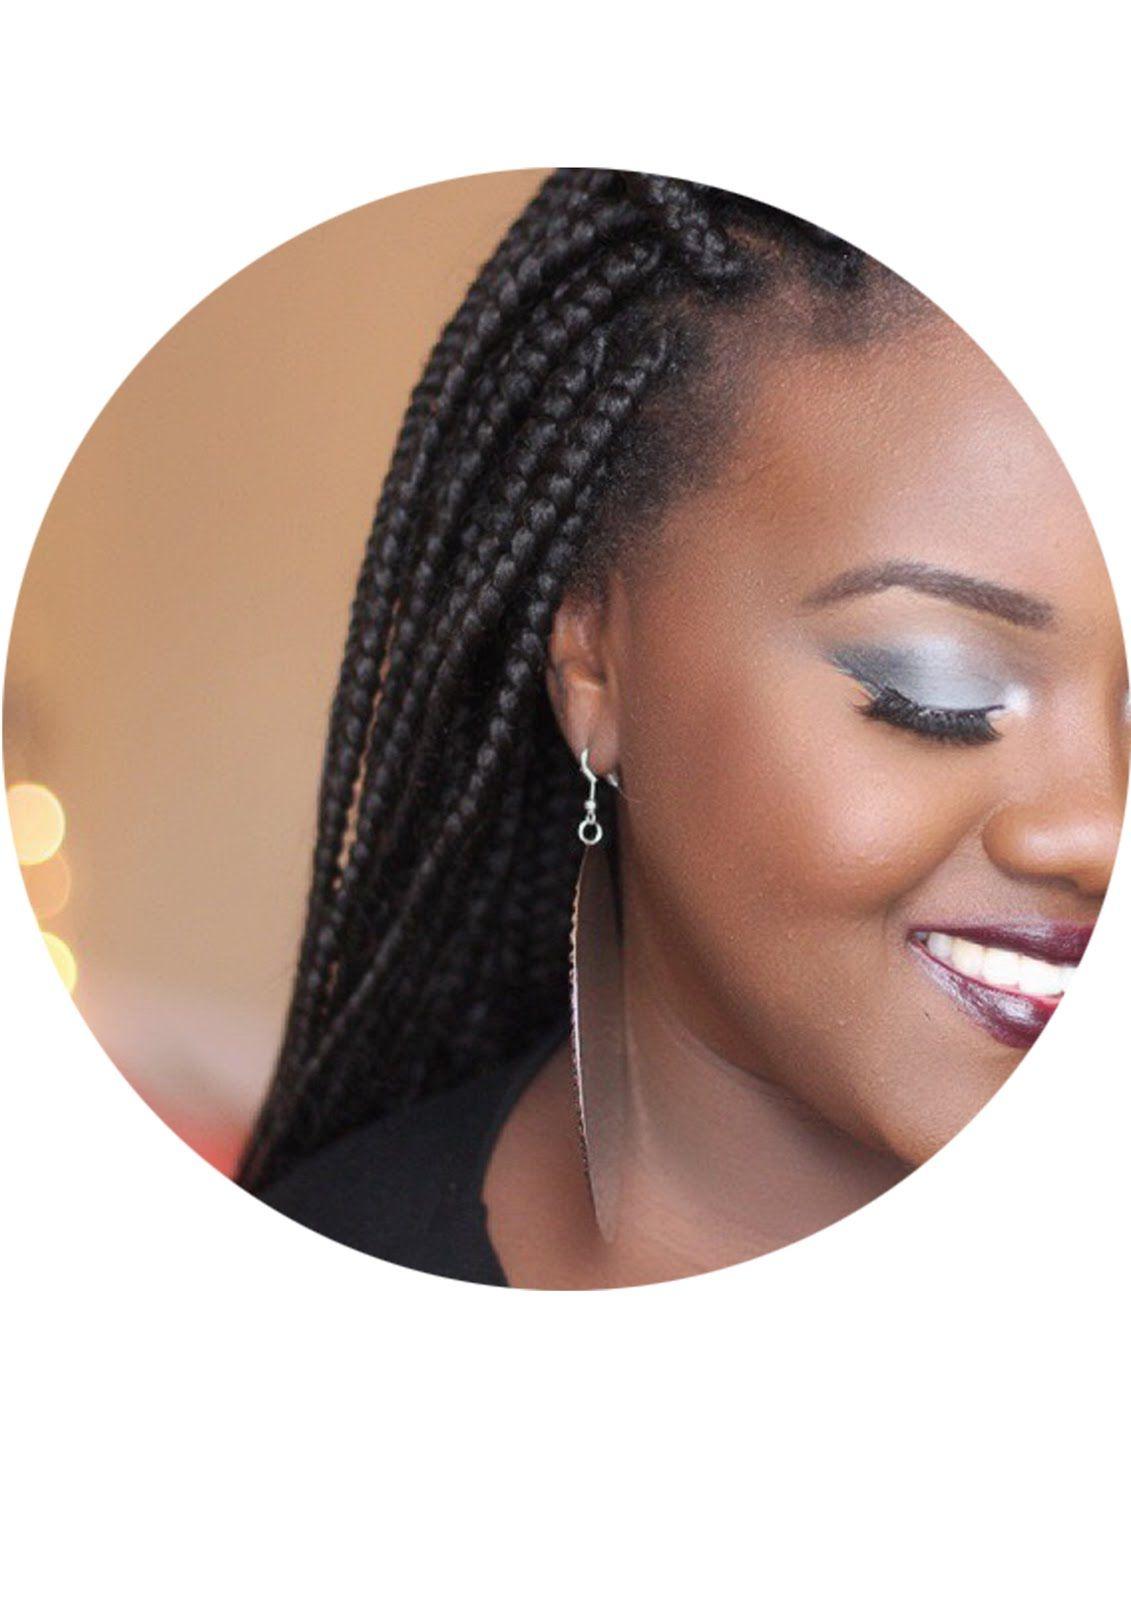 Chanel Boateng Chanel, Makeup, Pearl earrings